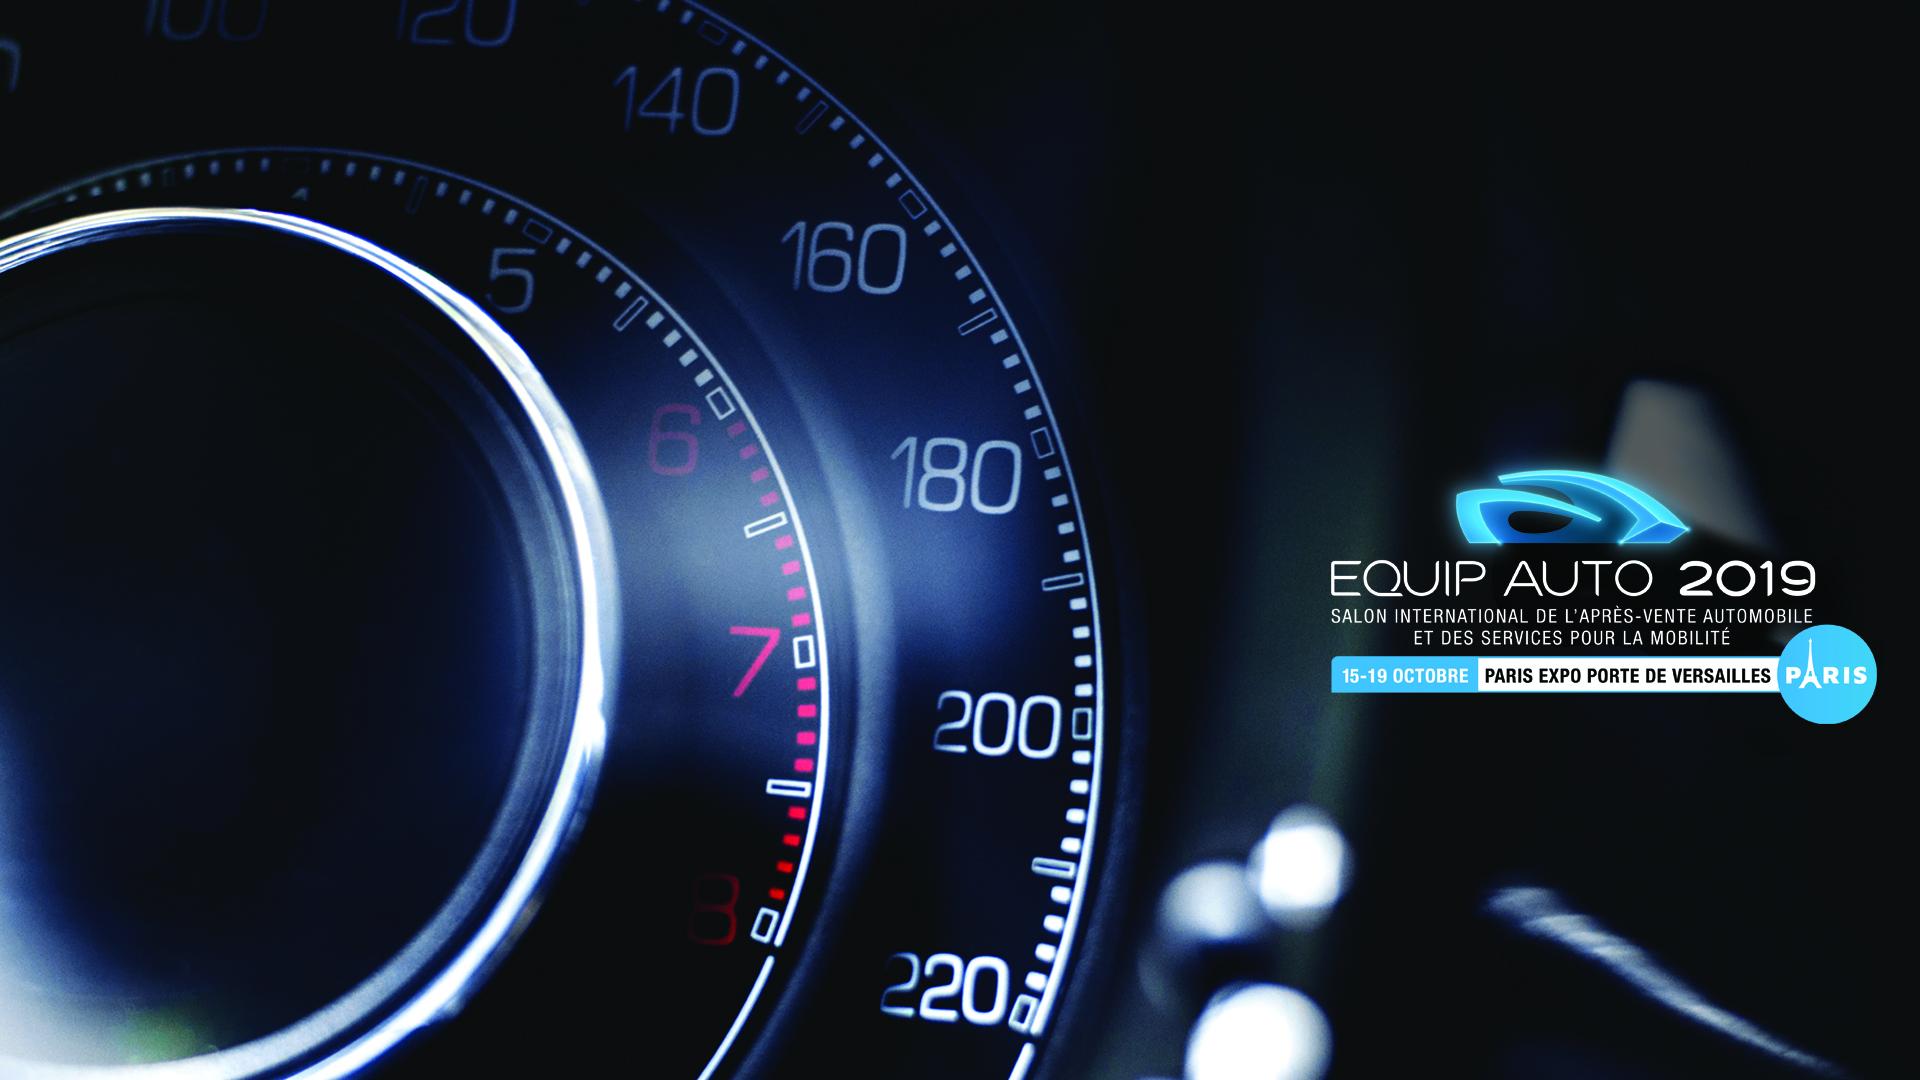 Equip Auto Joubert 2019